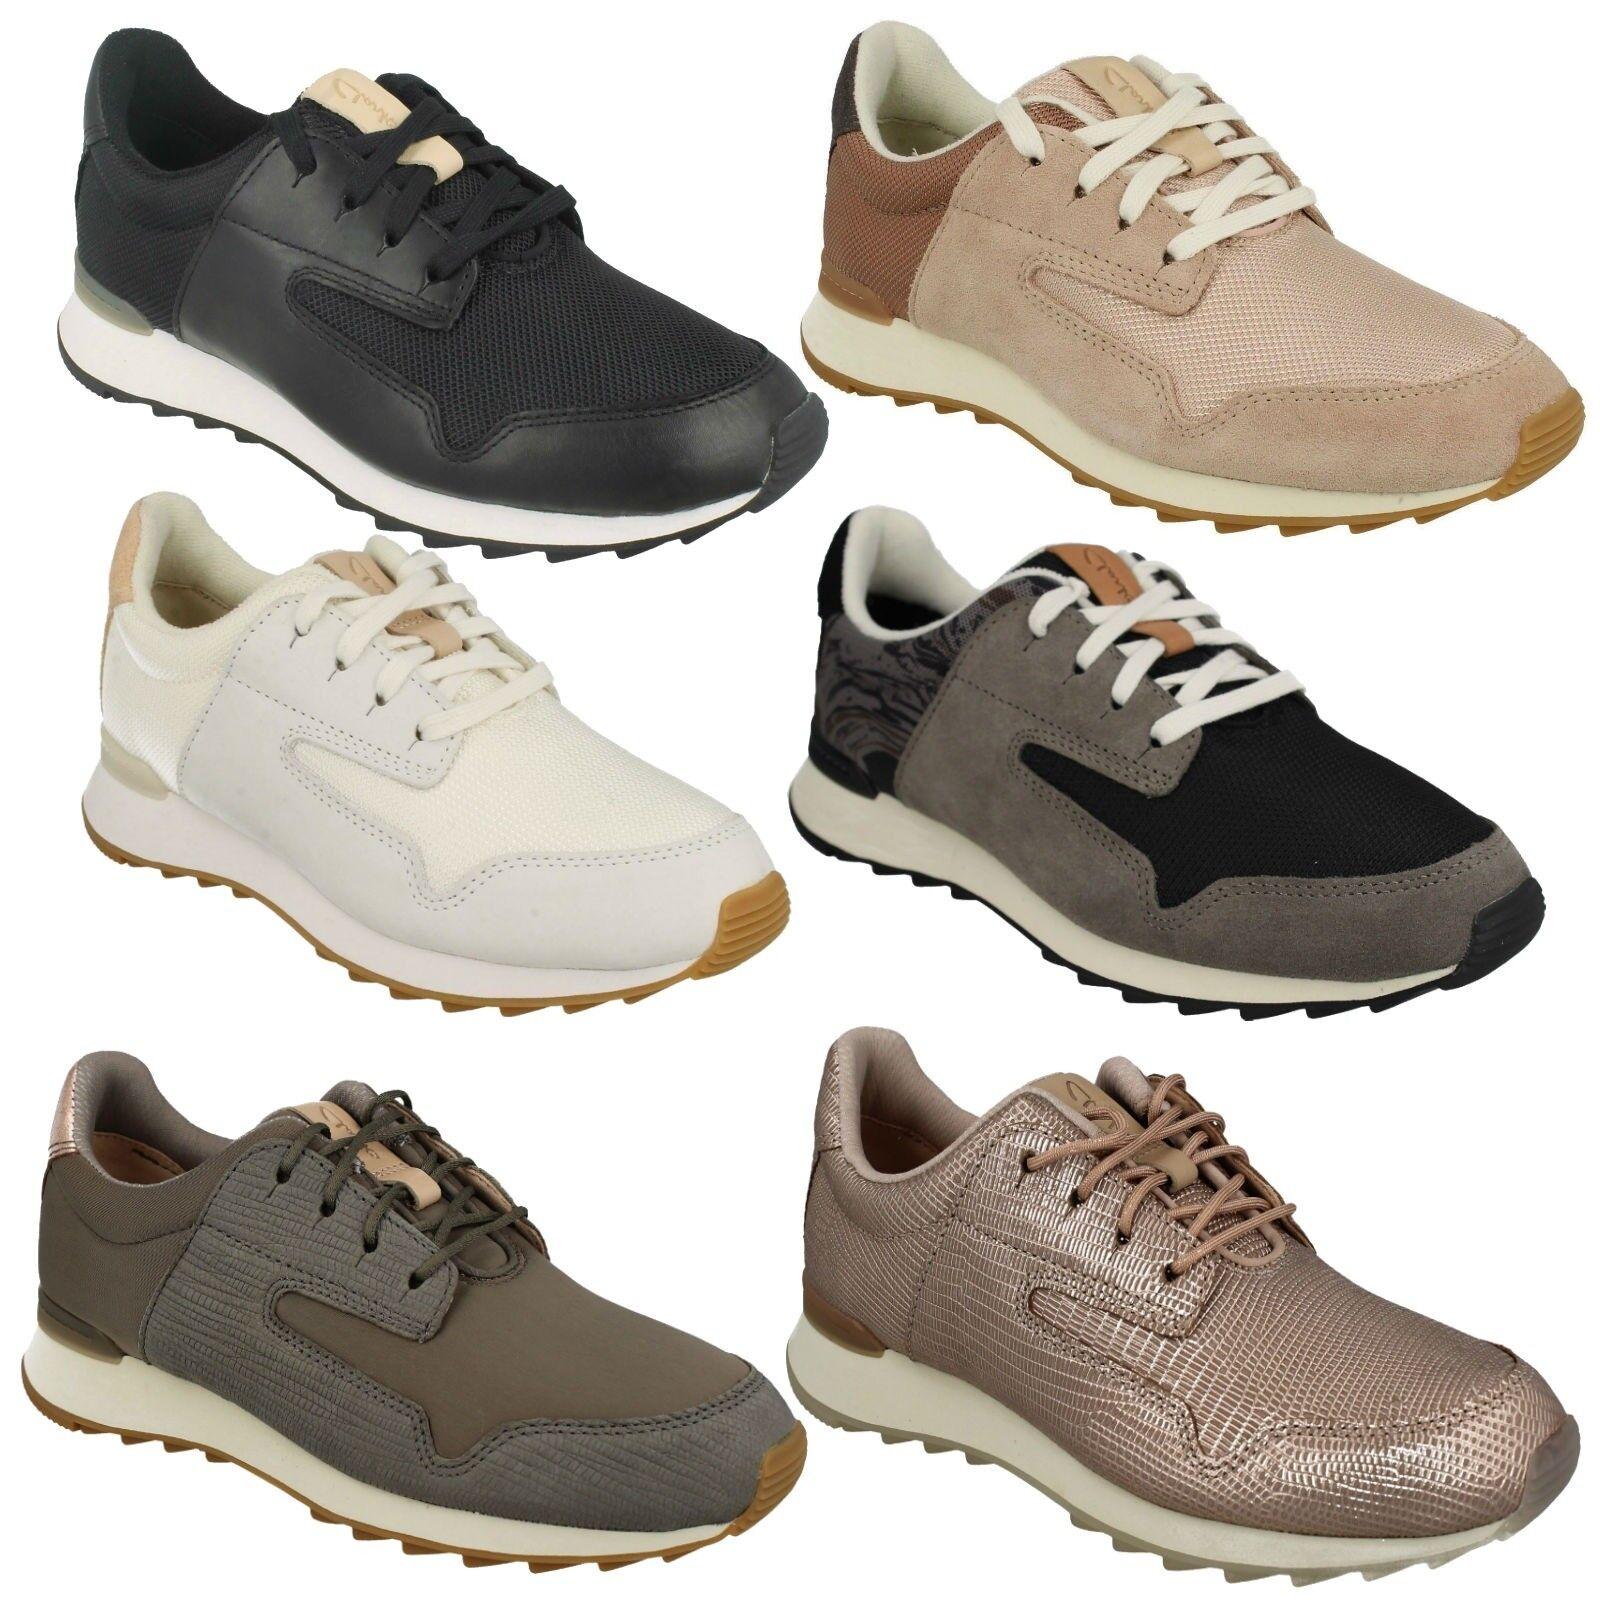 Floura MIX Clarks Mujer Cordones Cordones Cordones Cuero Gimnasio Informal Zapatos  tomar hasta un 70% de descuento